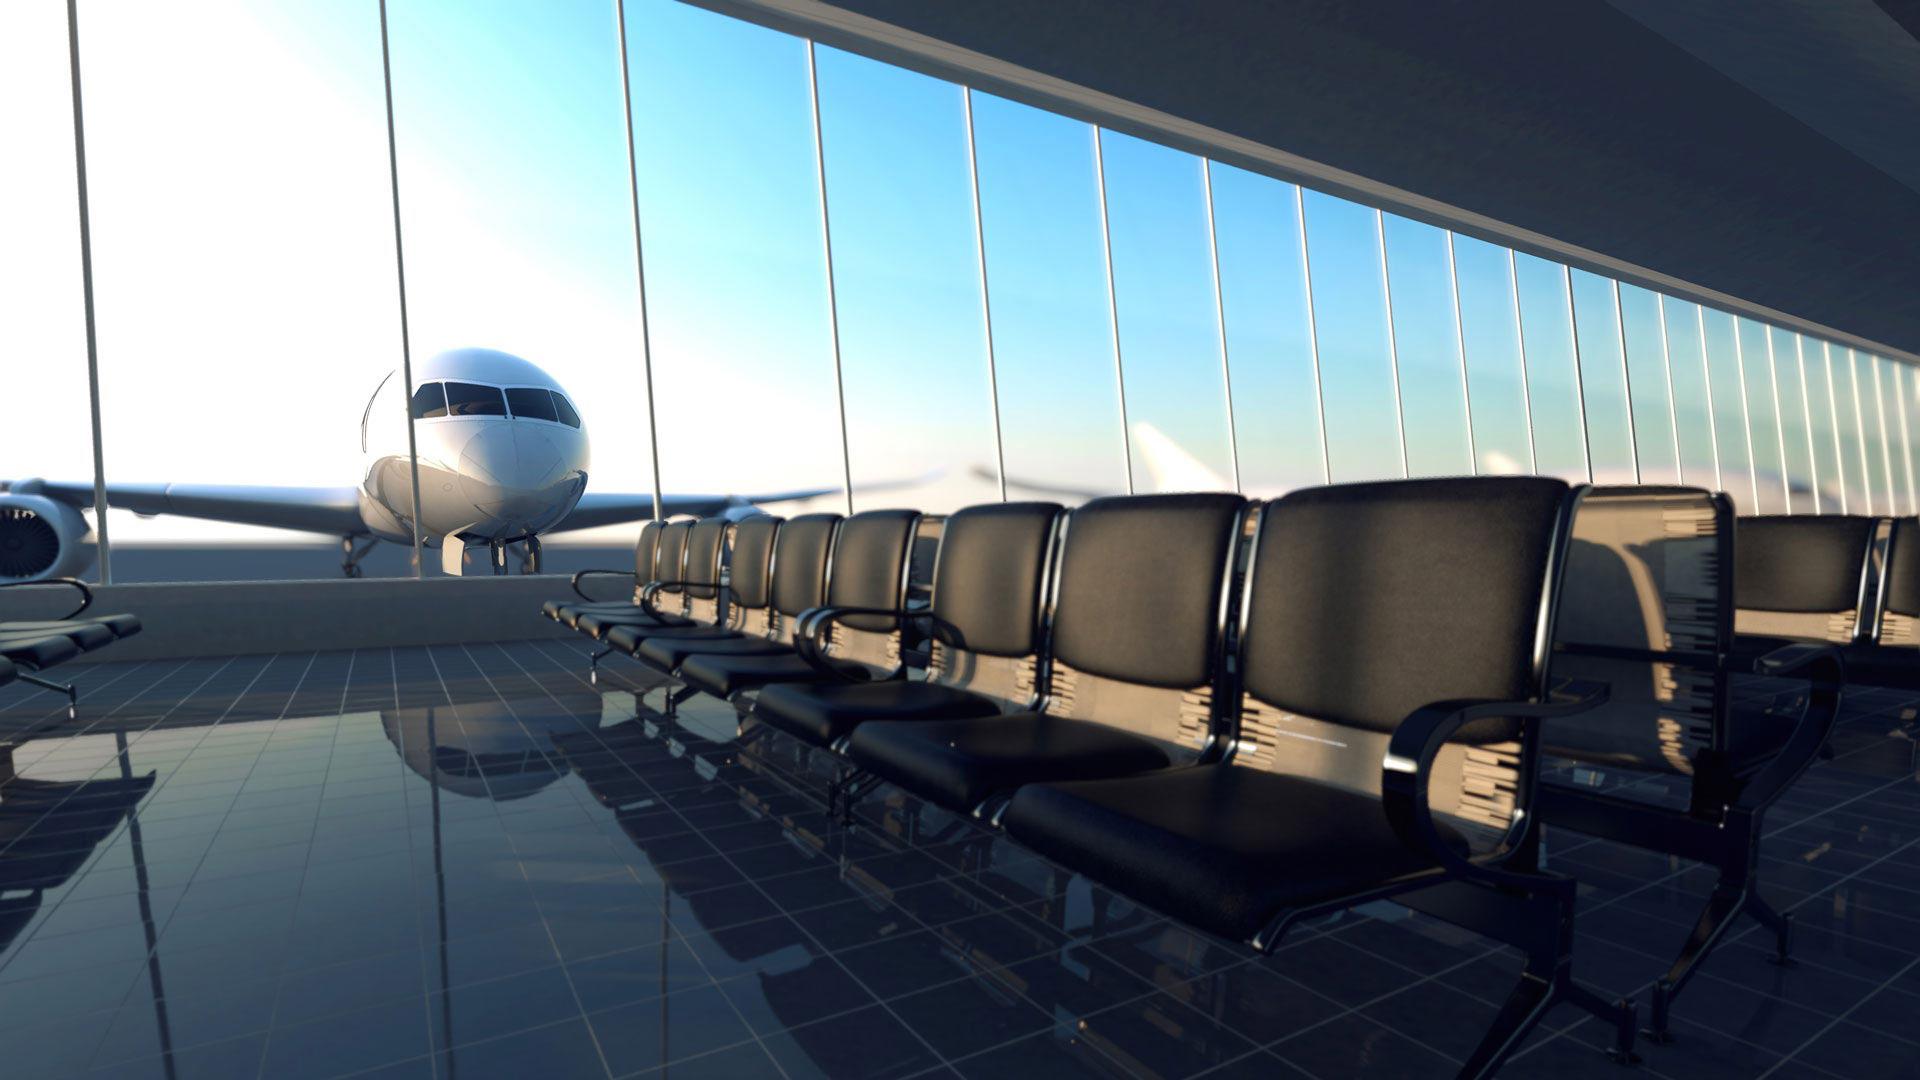 vol terre neuve et labrador r servation de billets d 39 avion terre neuve et labrador vol discount. Black Bedroom Furniture Sets. Home Design Ideas